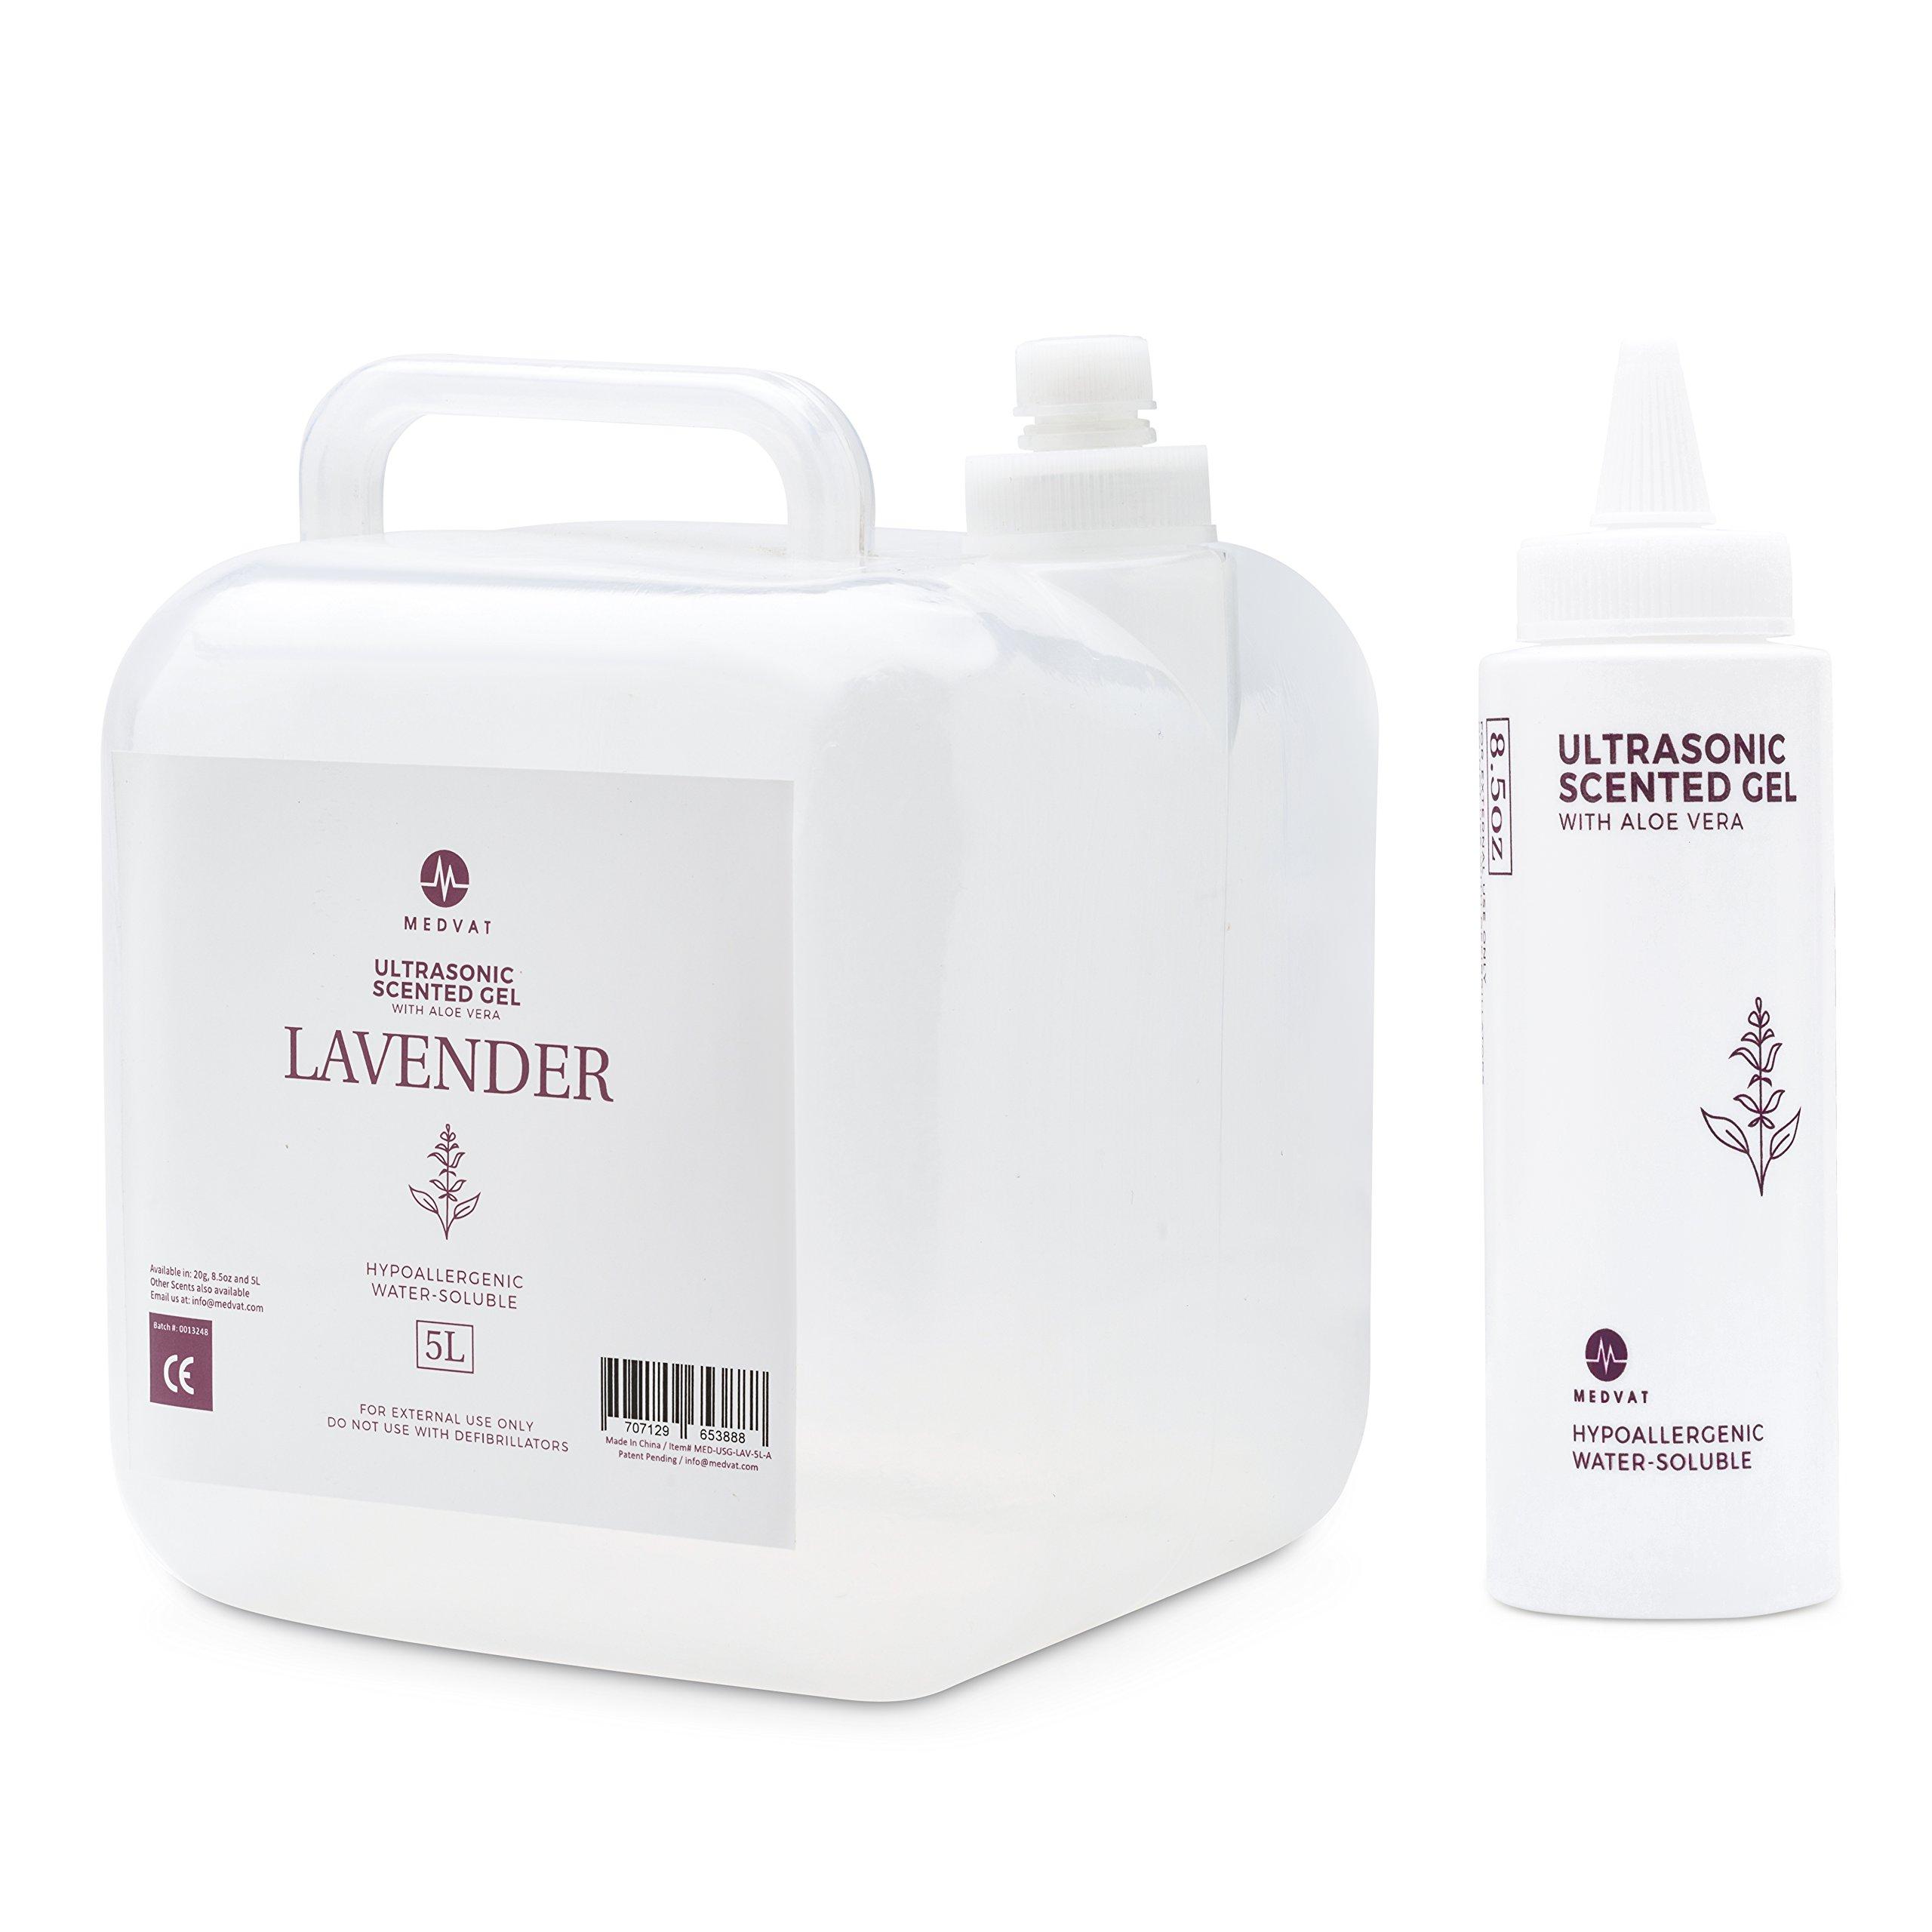 Medvat Clear Transmission Gel - Lavender Scented - 5 Liter Container - Includes 8-oz. Refillable Bottle